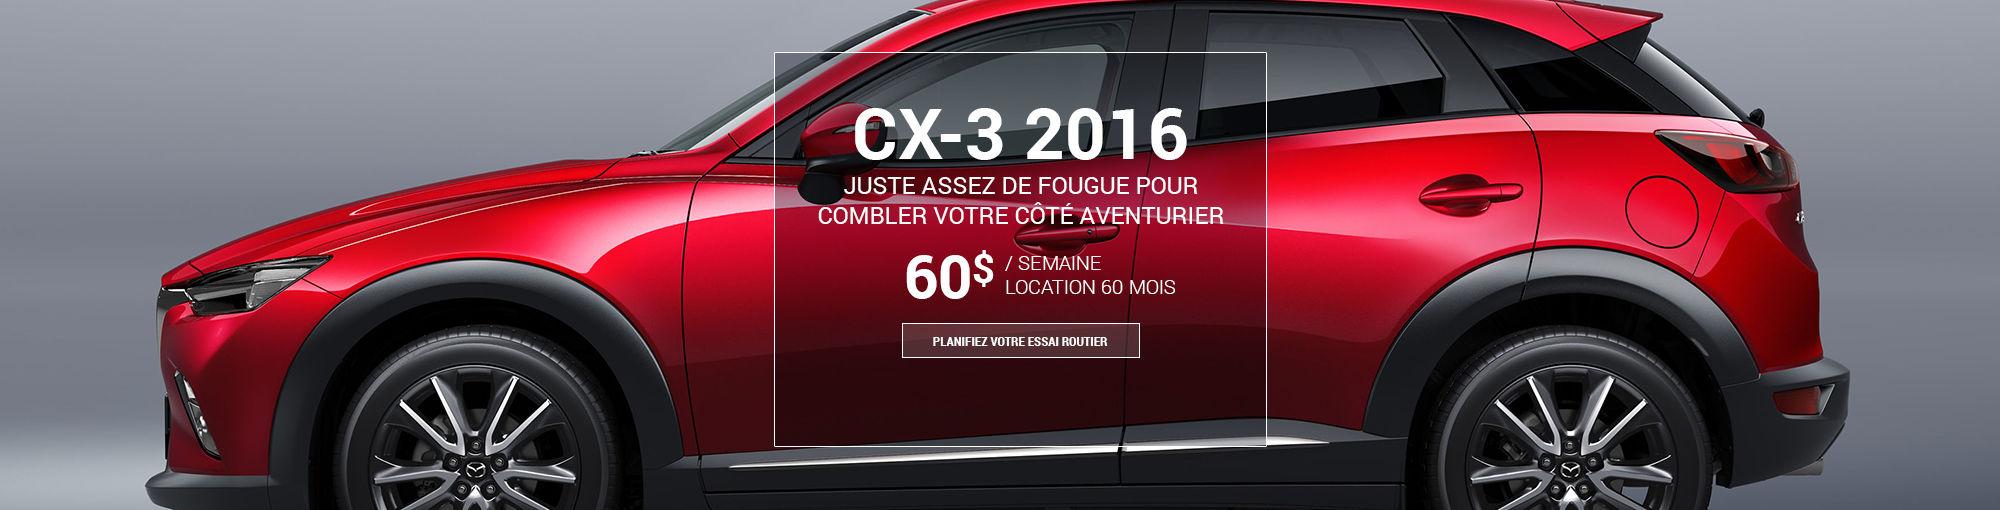 CX3 2016 - août 2016